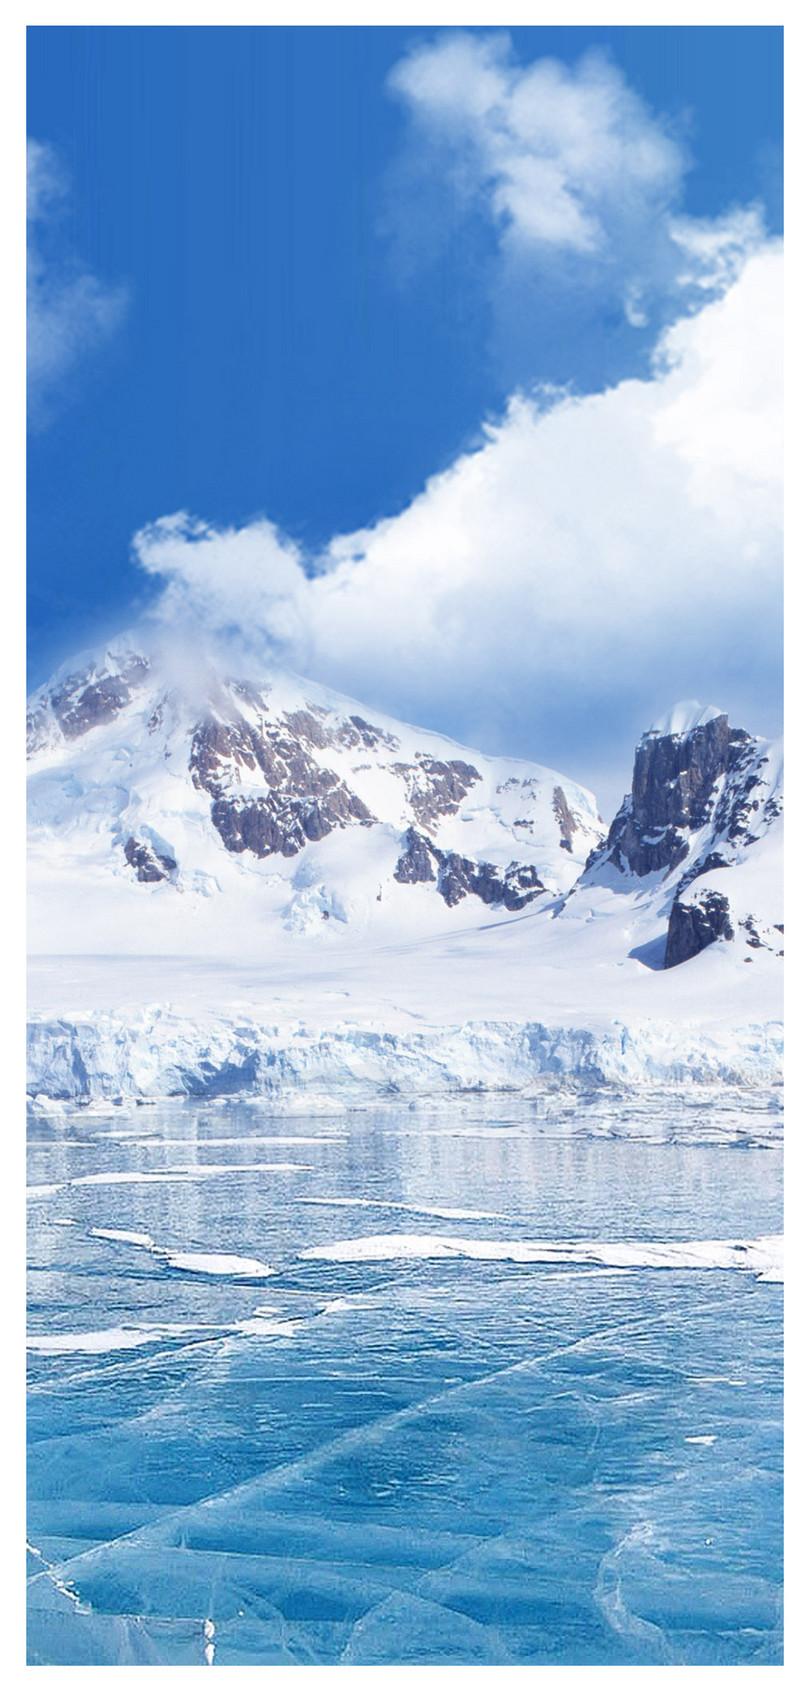 冬景色の携帯壁紙イメージ 背景 Id 400874931 Prf画像フォーマット